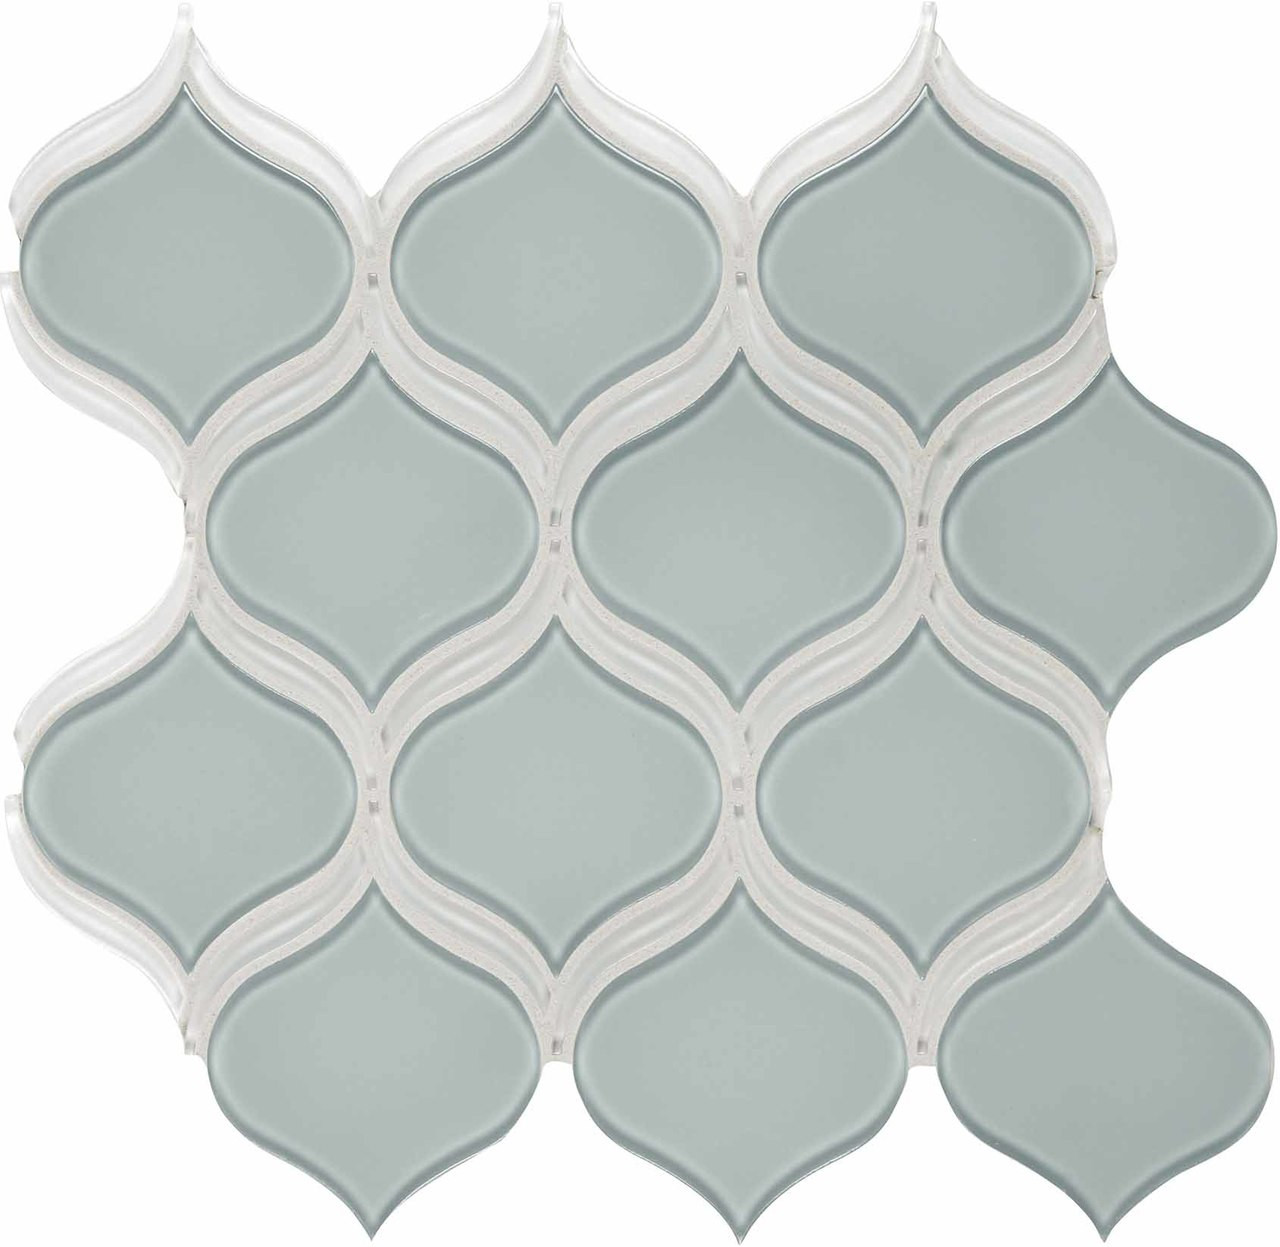 - Element Cloud Arabesque Glass Mosaics - Tiles Direct Store